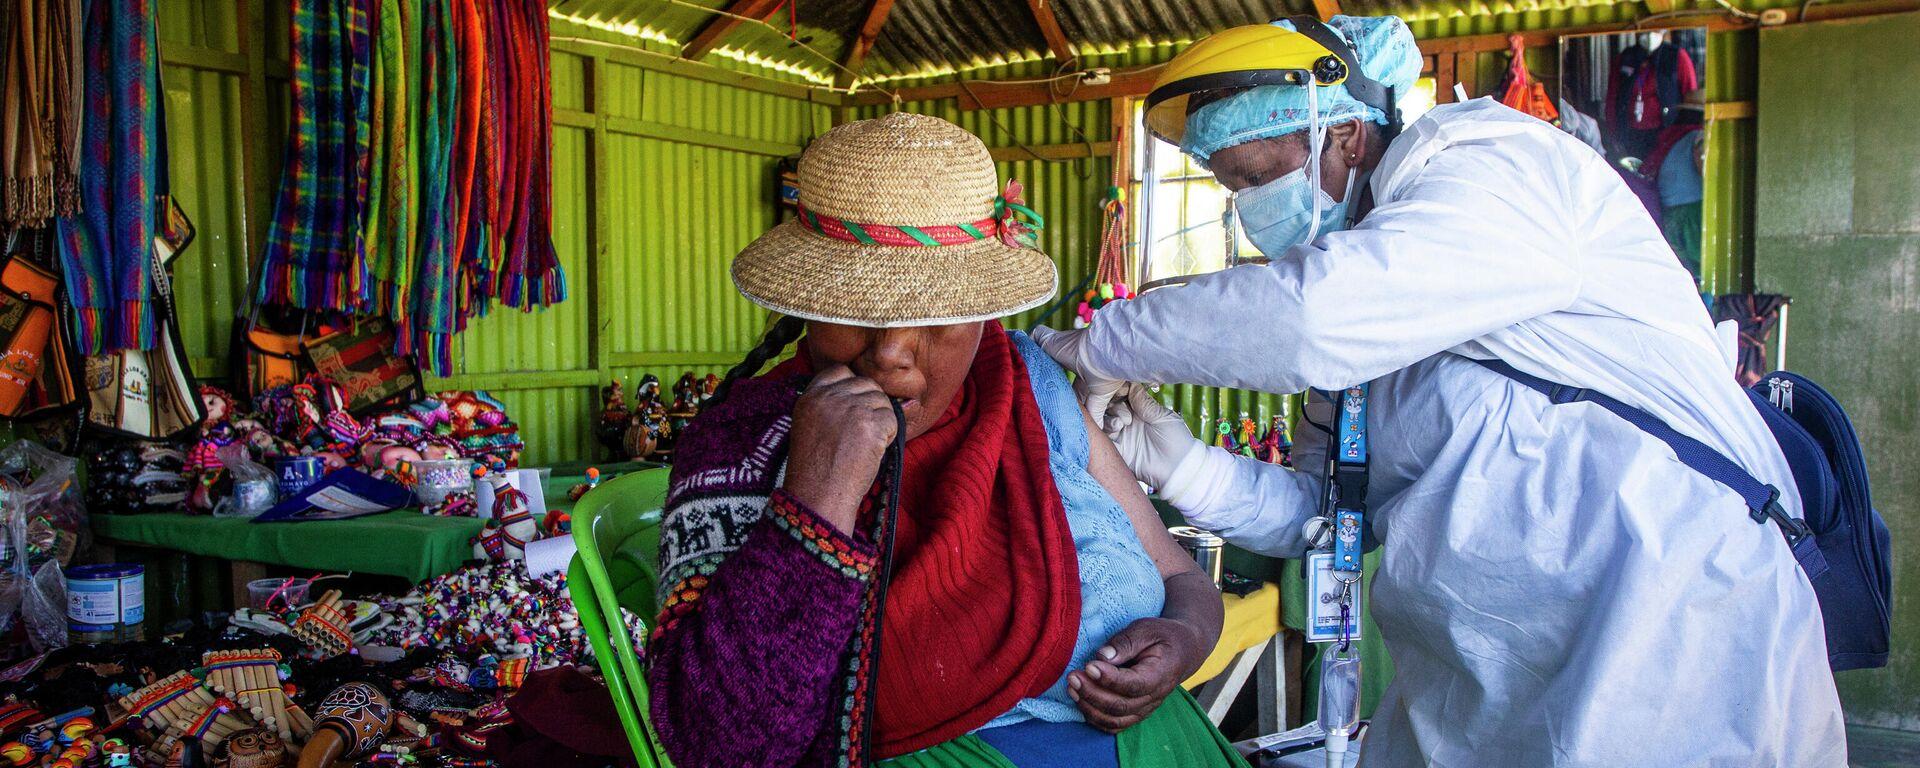 Vacunación contra COVID-19 en Puno, Perú - Sputnik Mundo, 1920, 19.07.2021